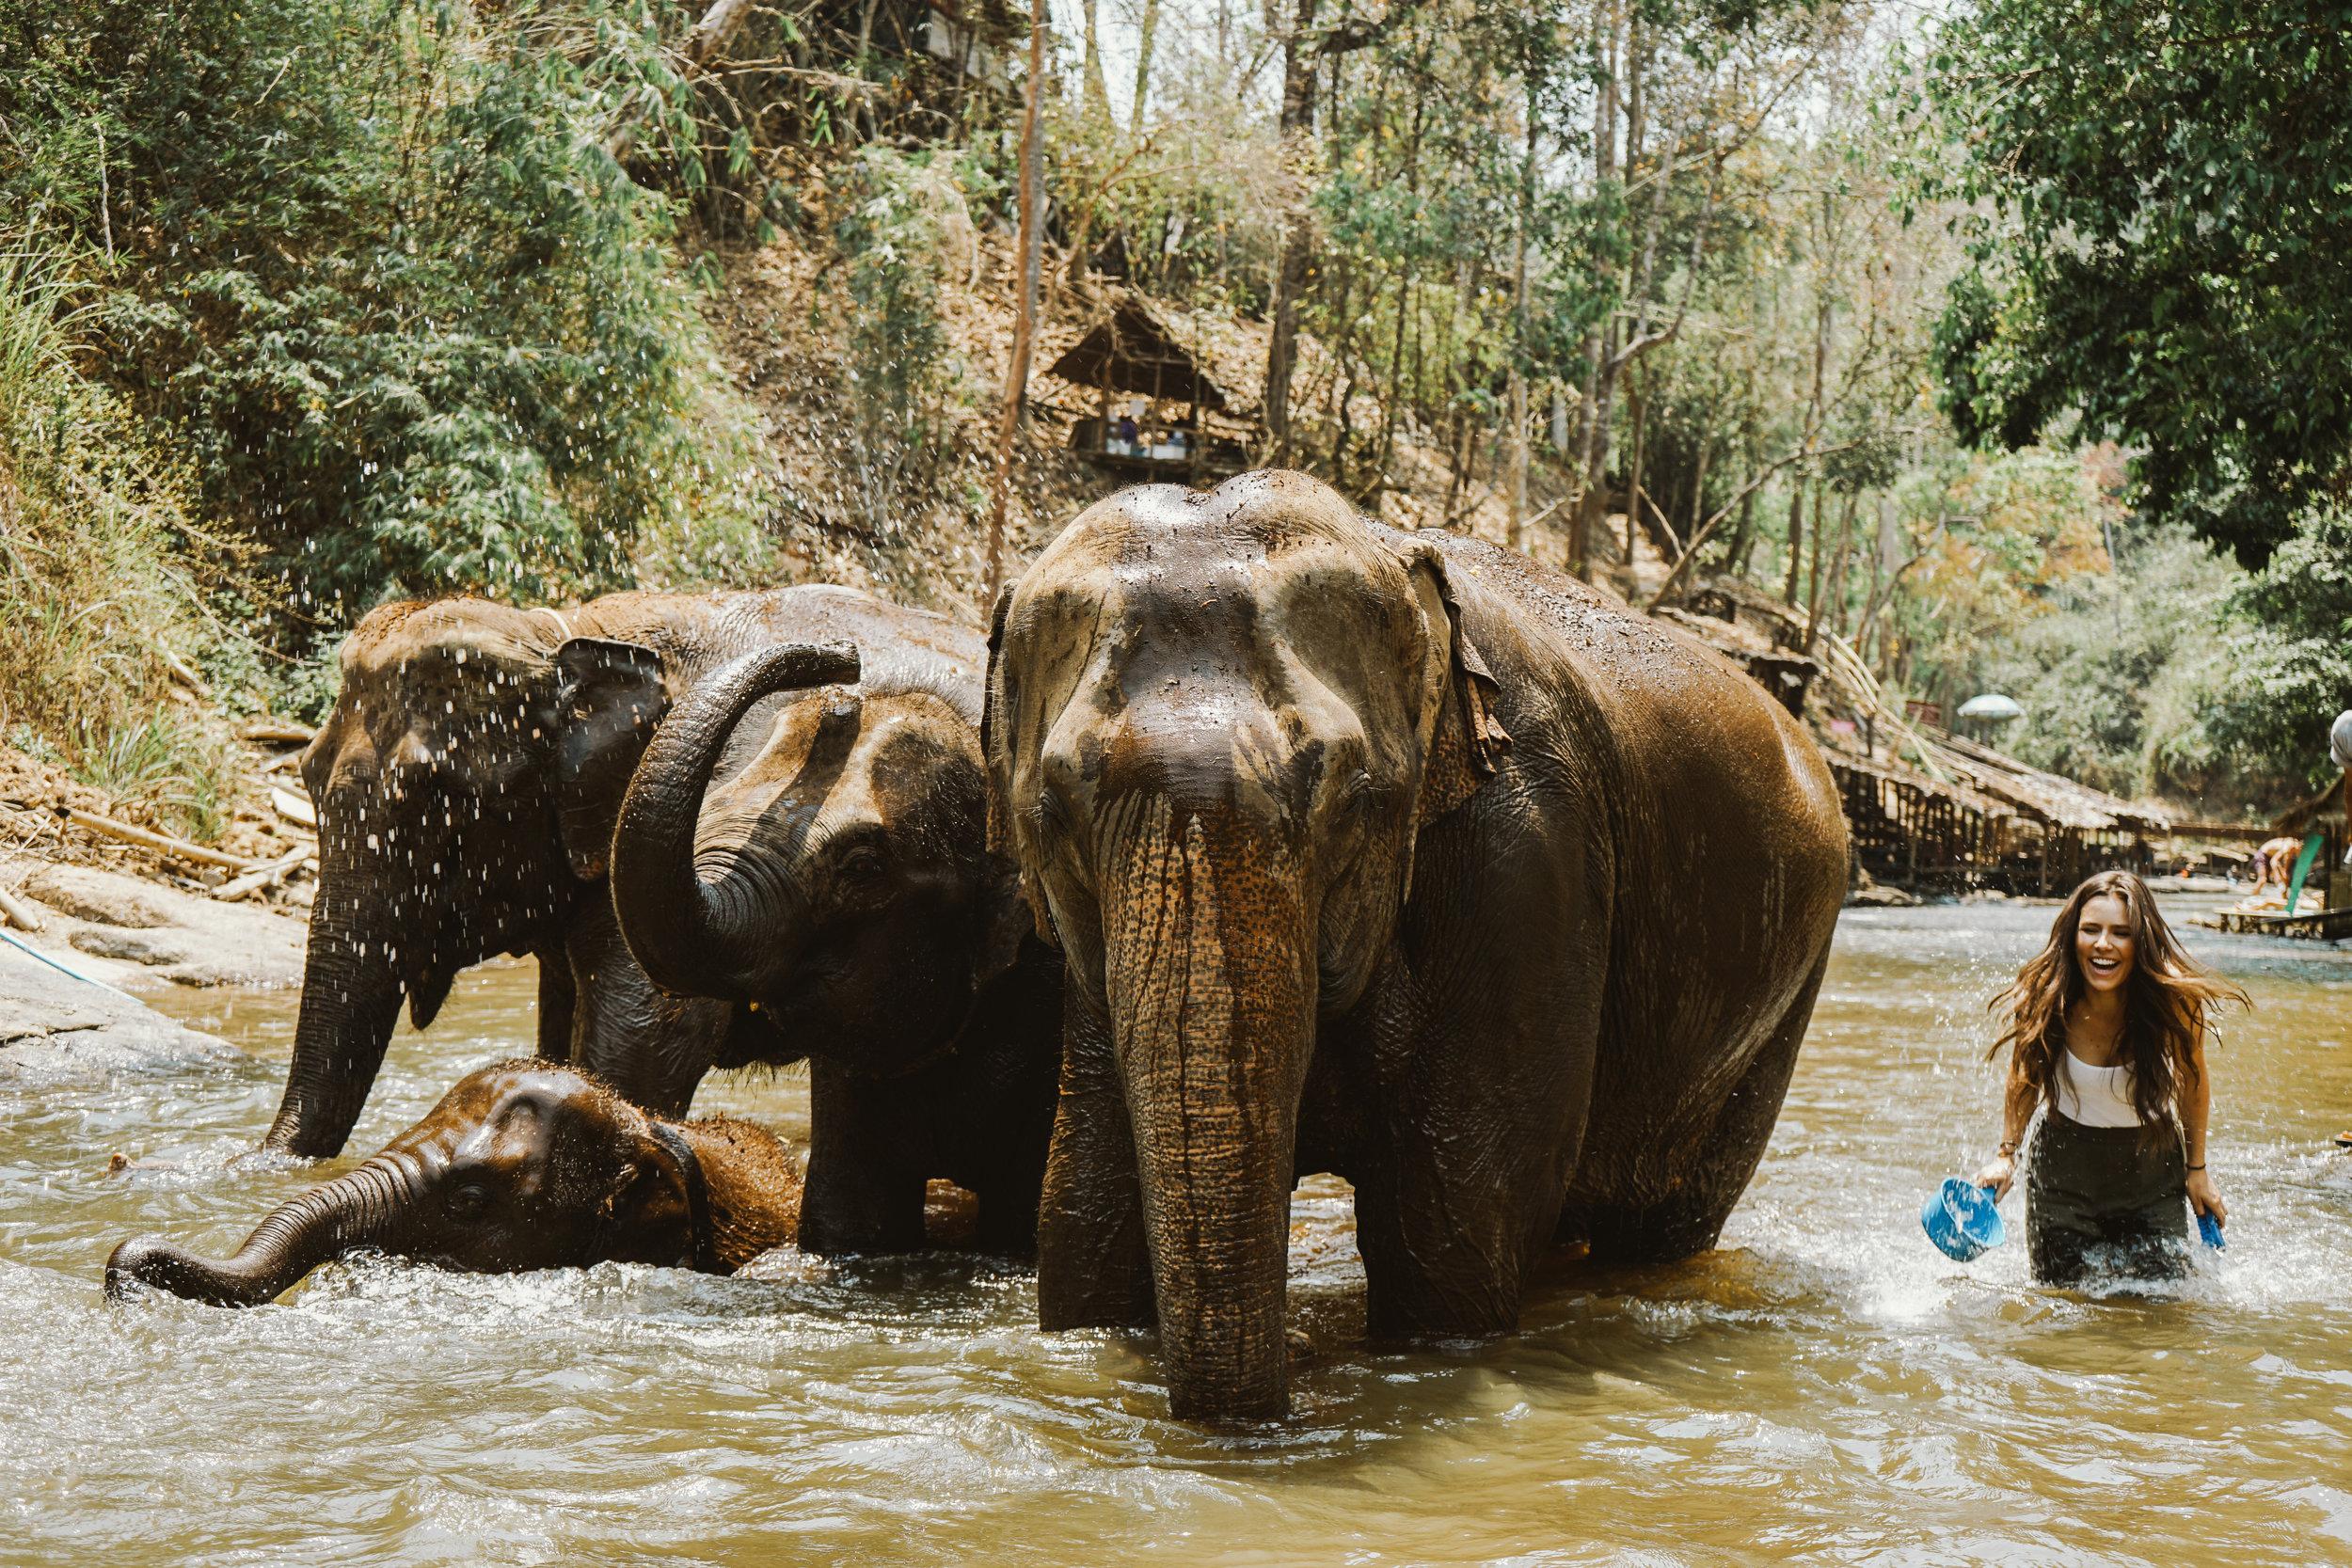 Bath Time with Elephants